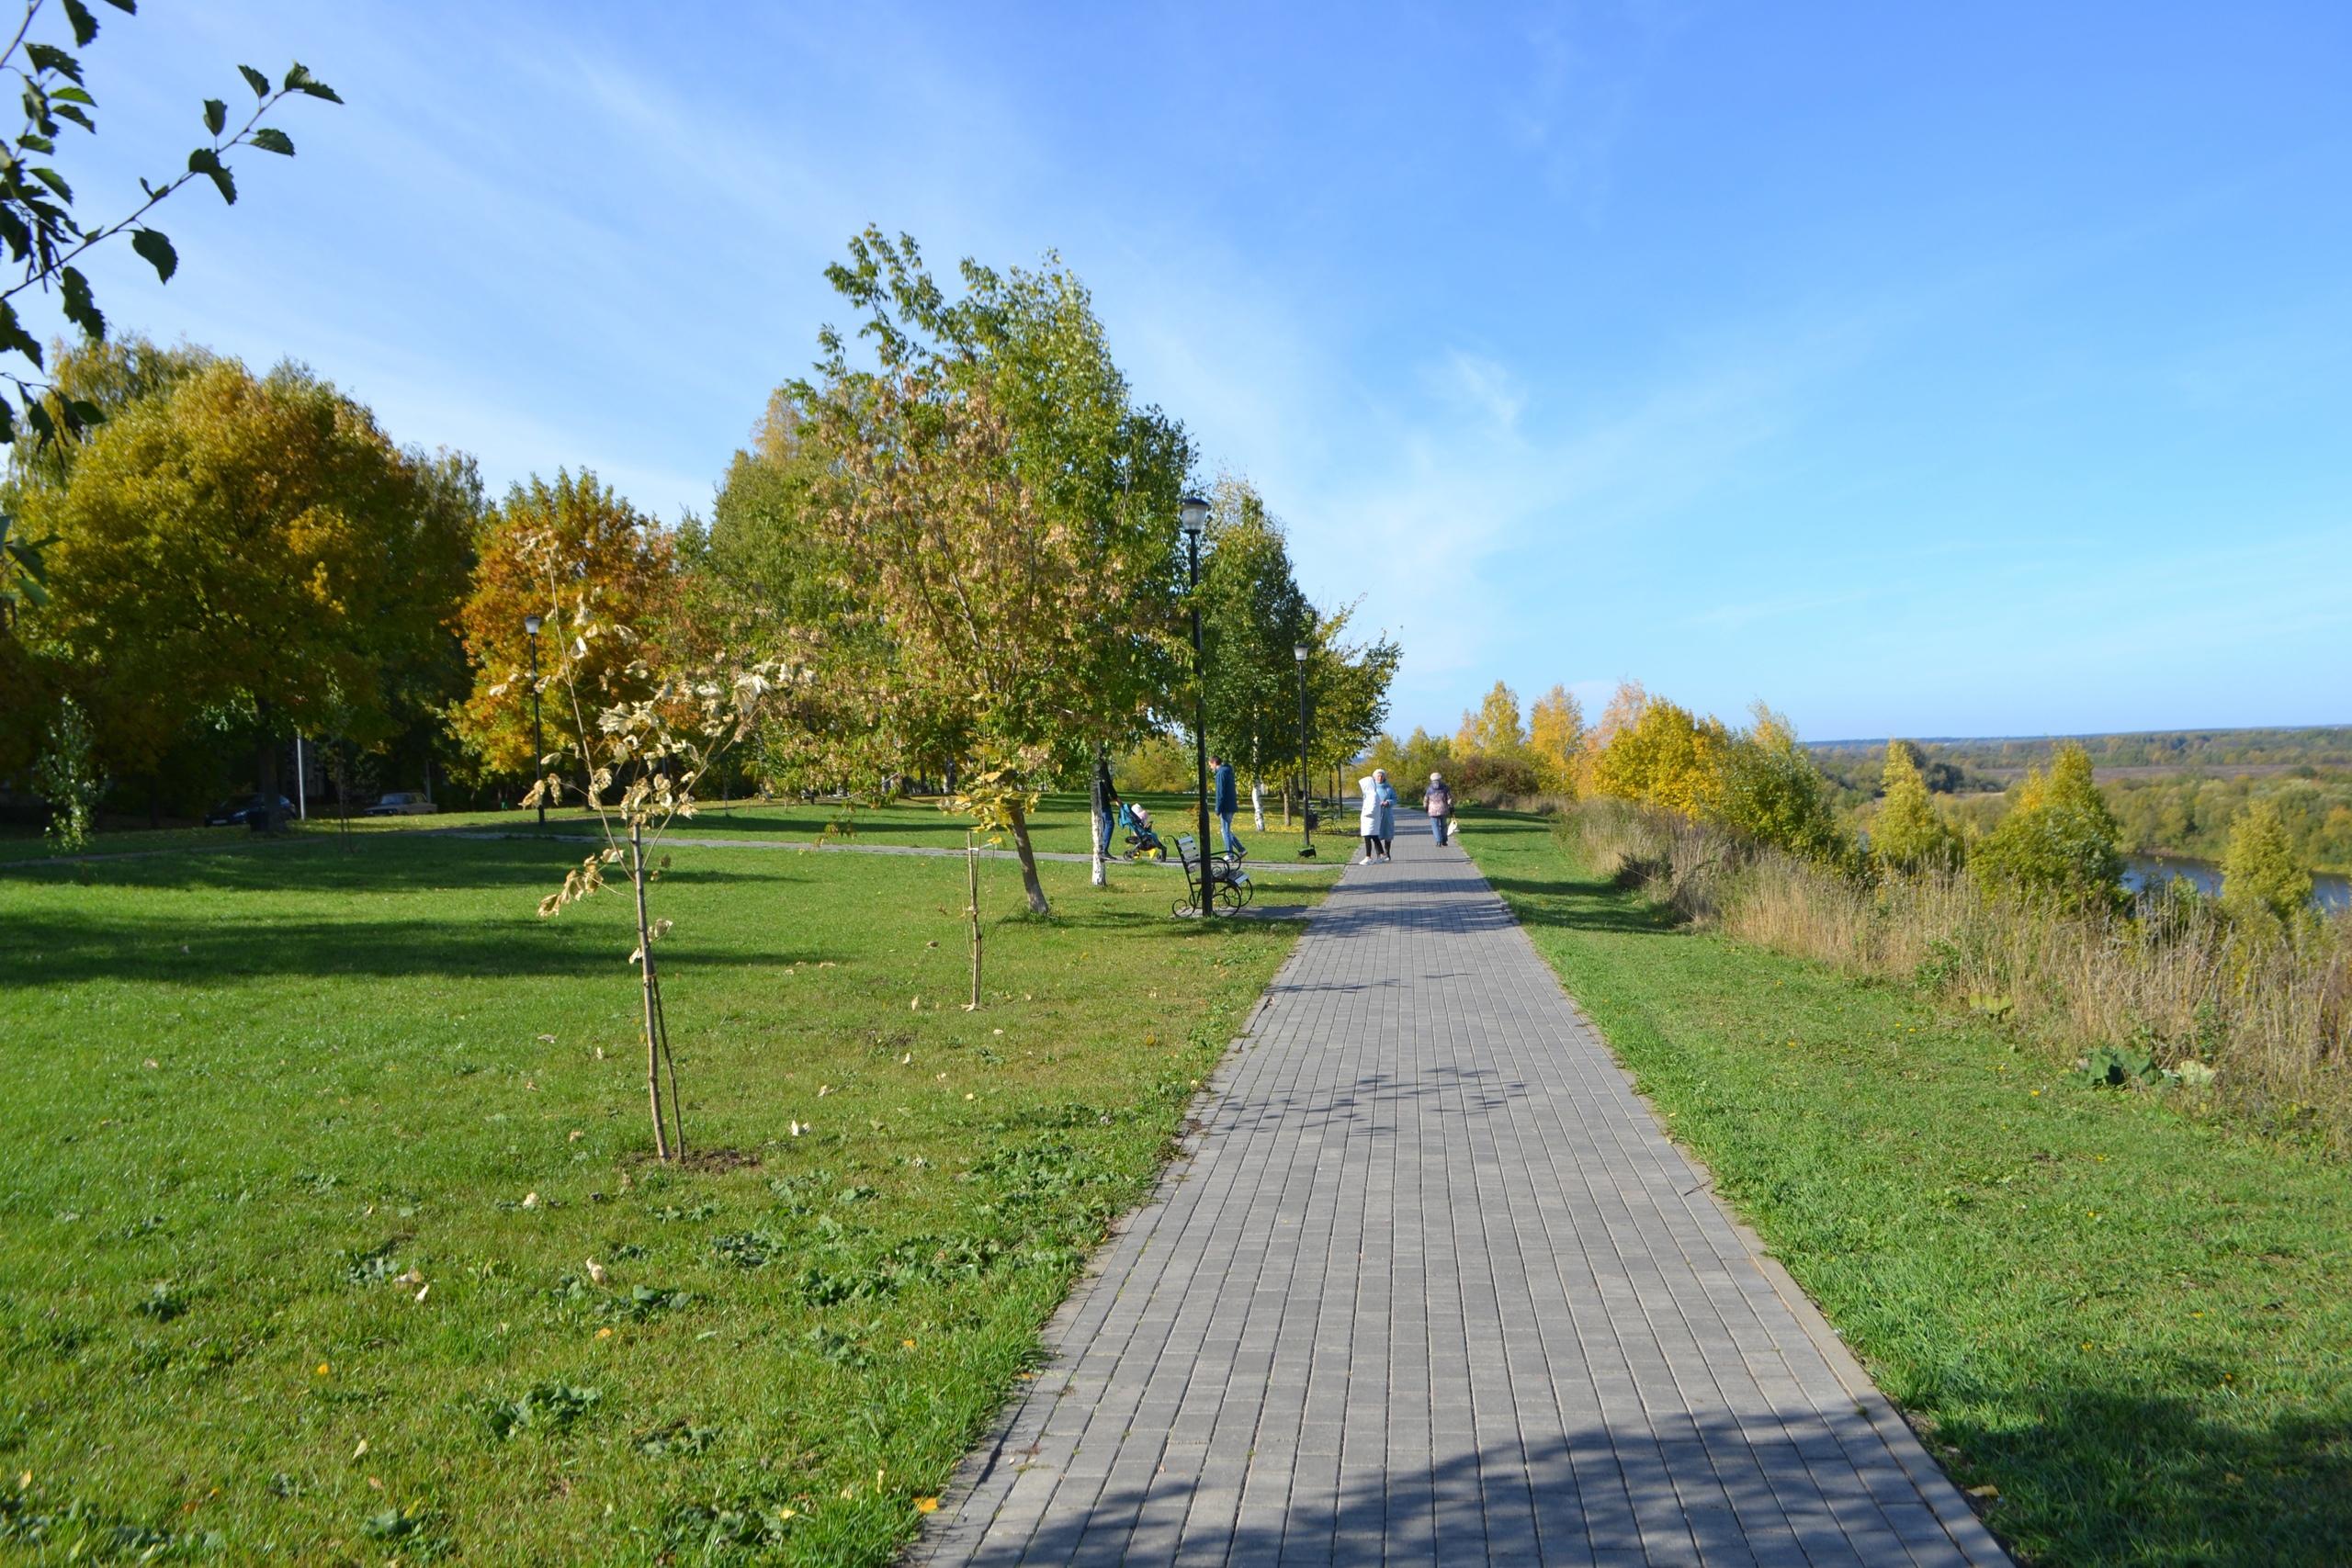 На набережной Кирово-Чепецка восстановлены зеленые насаждения: березки, клены и дубки